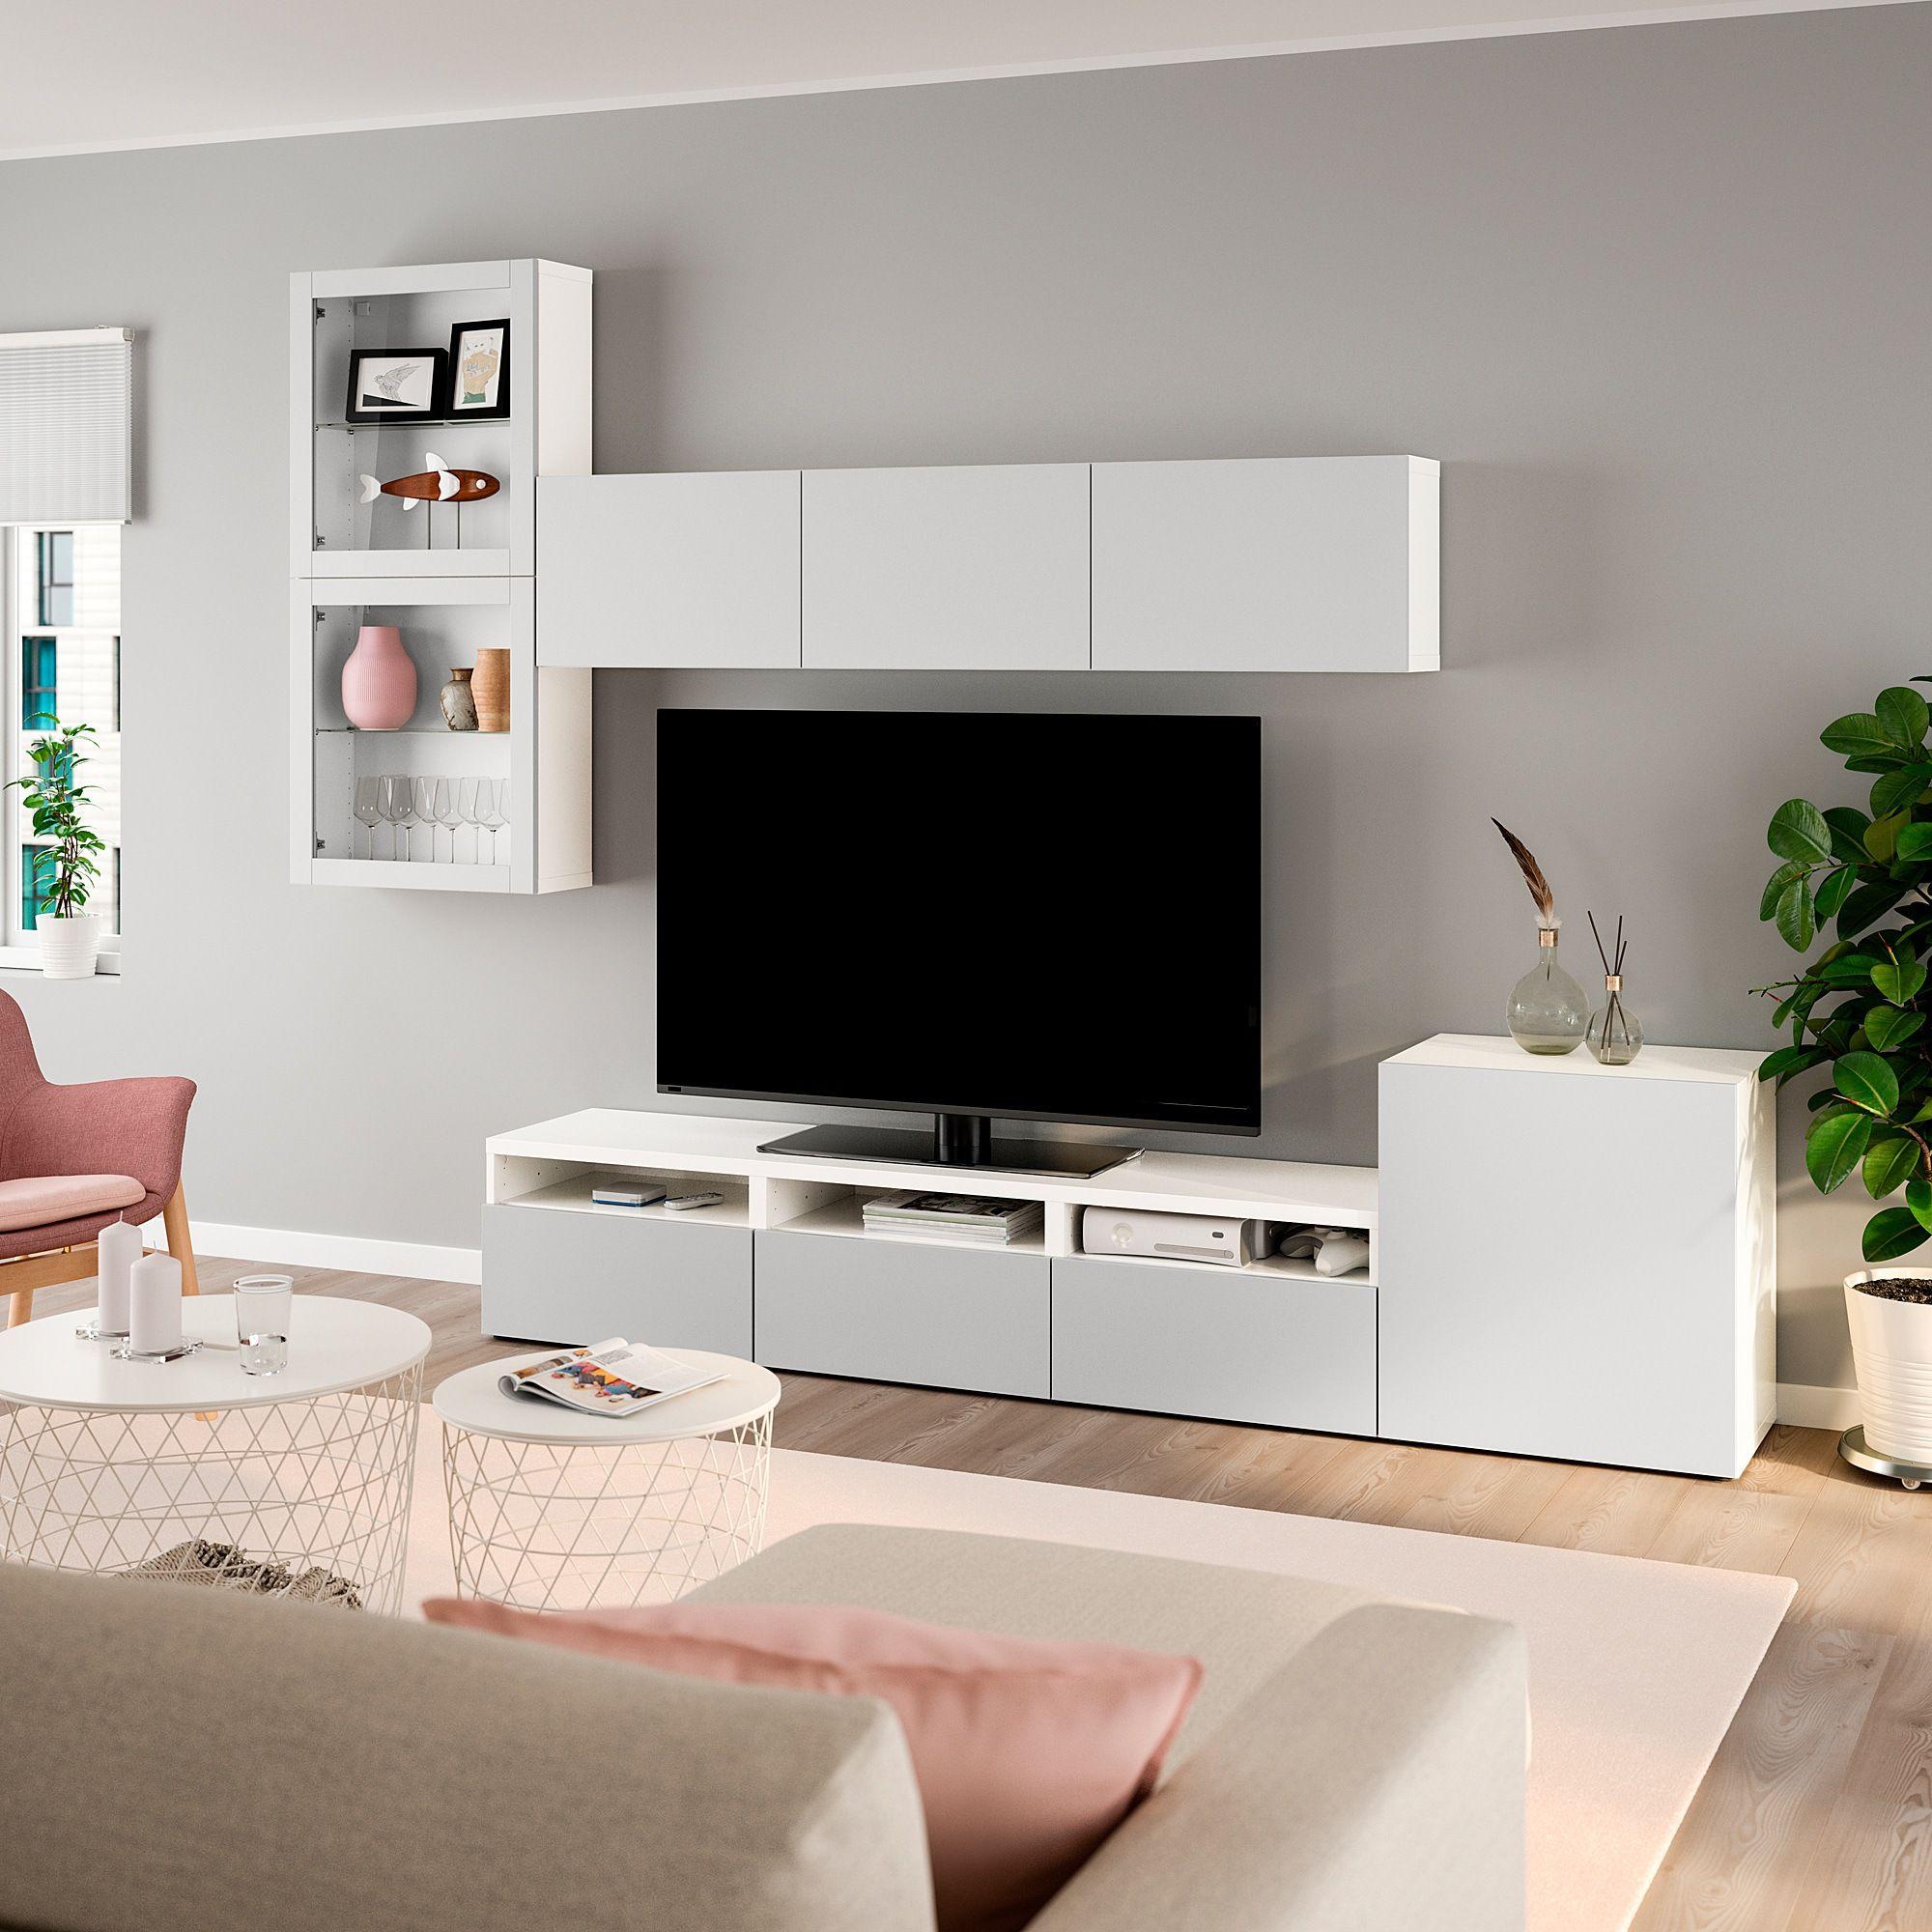 Besta Tv Komb Mit Vitrinenturen Weiss Lappviken Klarglas H Grau Tv Wandgestaltung Tv Wanddekor Wohnung